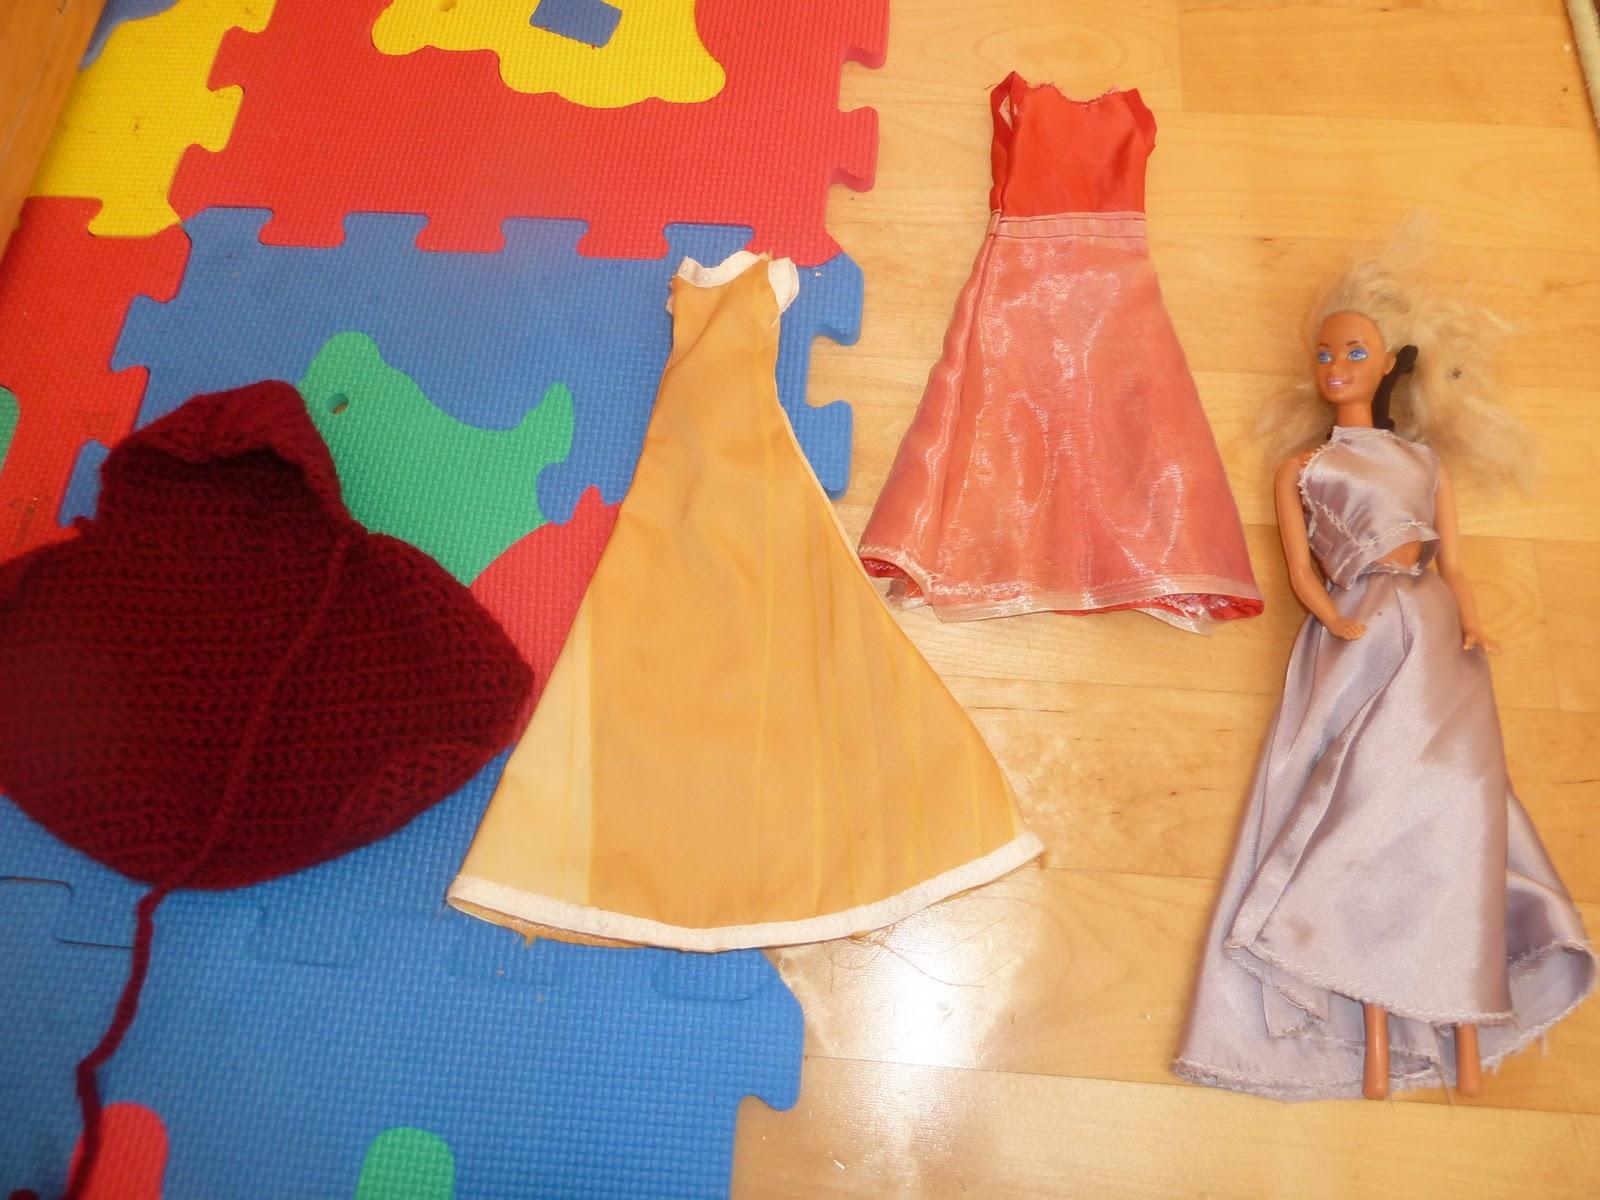 Bee Work: Puschen, Puppe Mimi, Handpuppe, Barbiekleidung